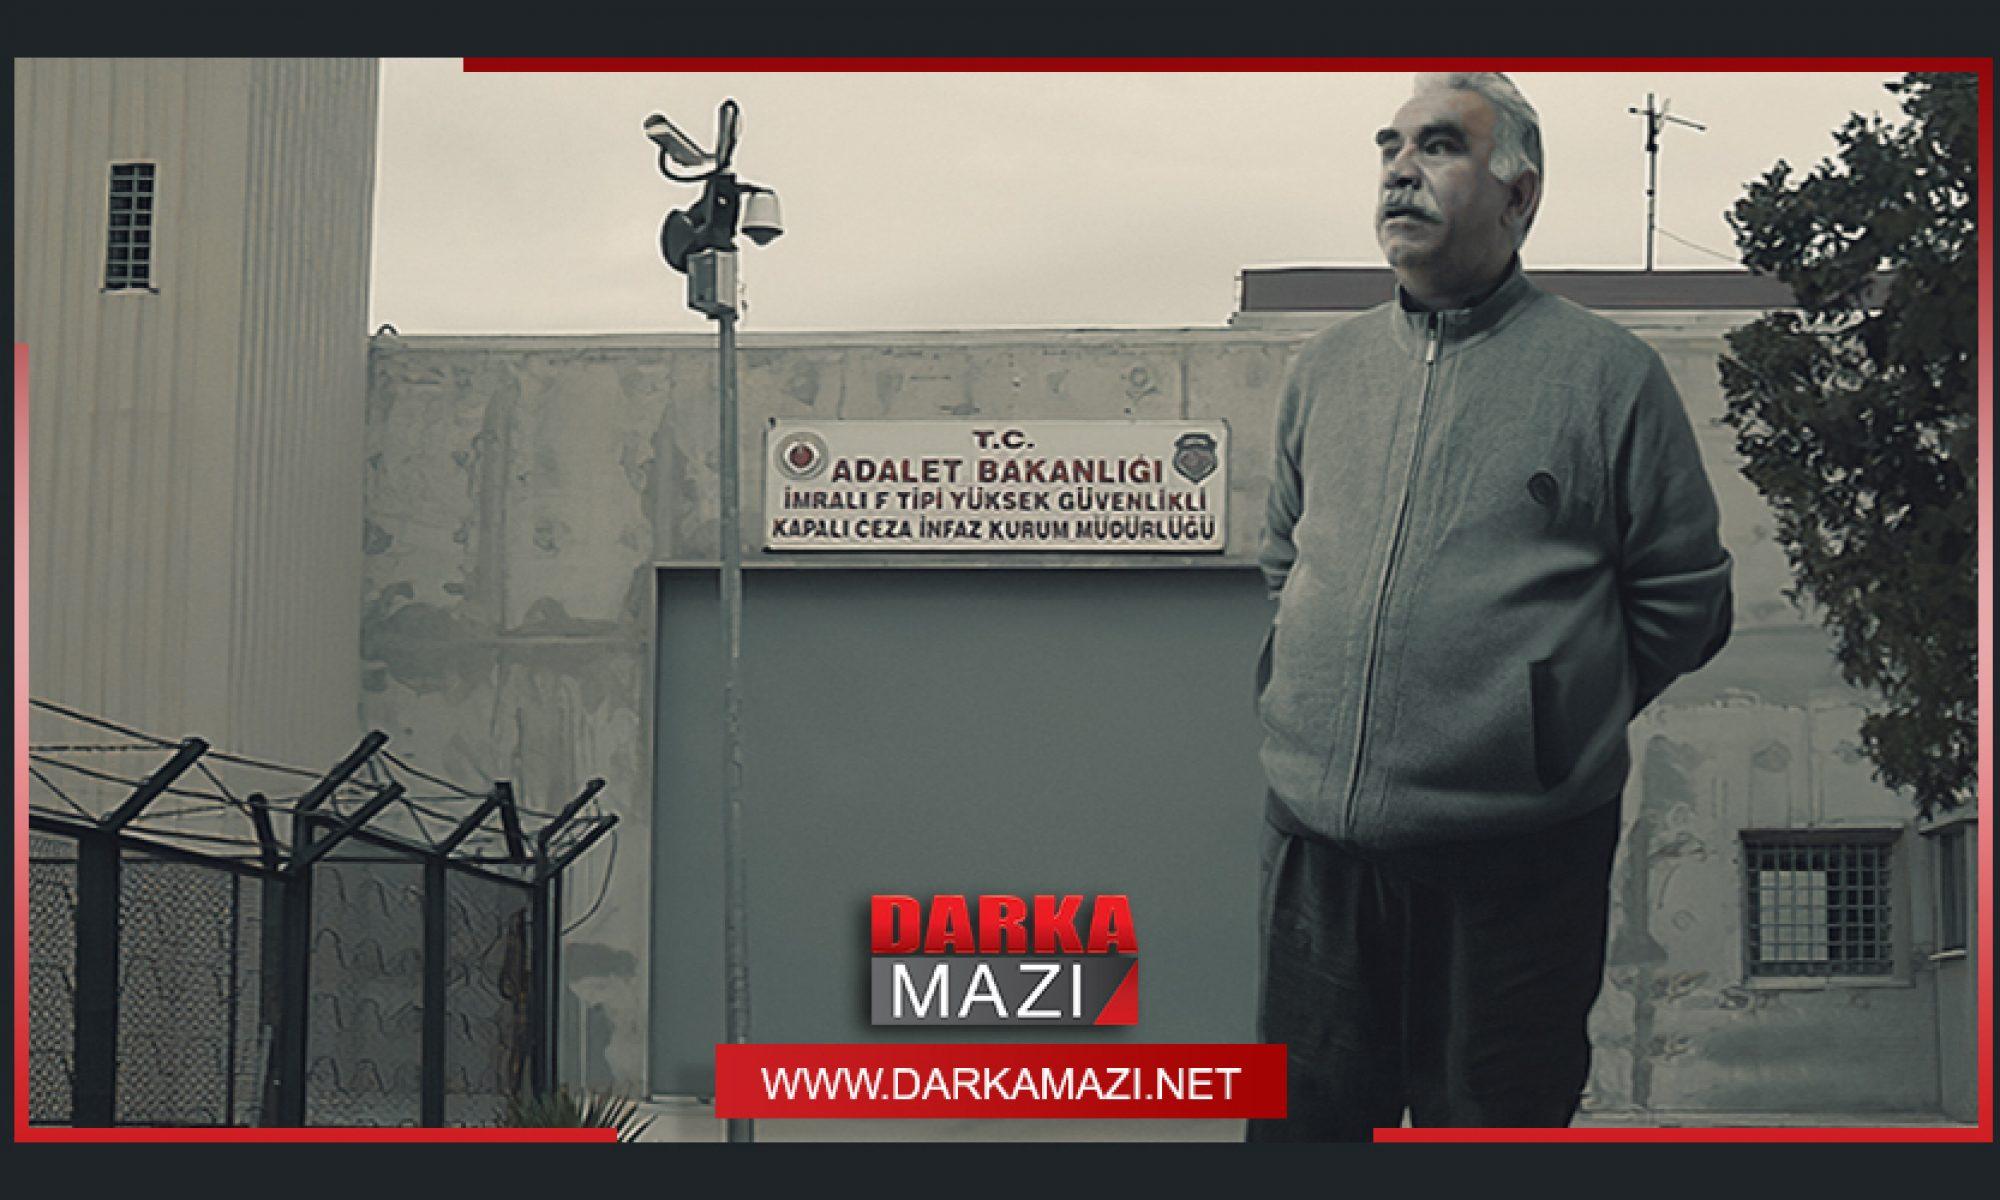 Yeni Yazı Dizisi: 15 Şubat 1999 Abdullah Öcalan'ın Türkiye'ye getirilişi ve sonrasında yaşananlar komplo mu tiyatro mu?4. Bölüm: Öcalan devlete verdiği tüm sözleri tuttu